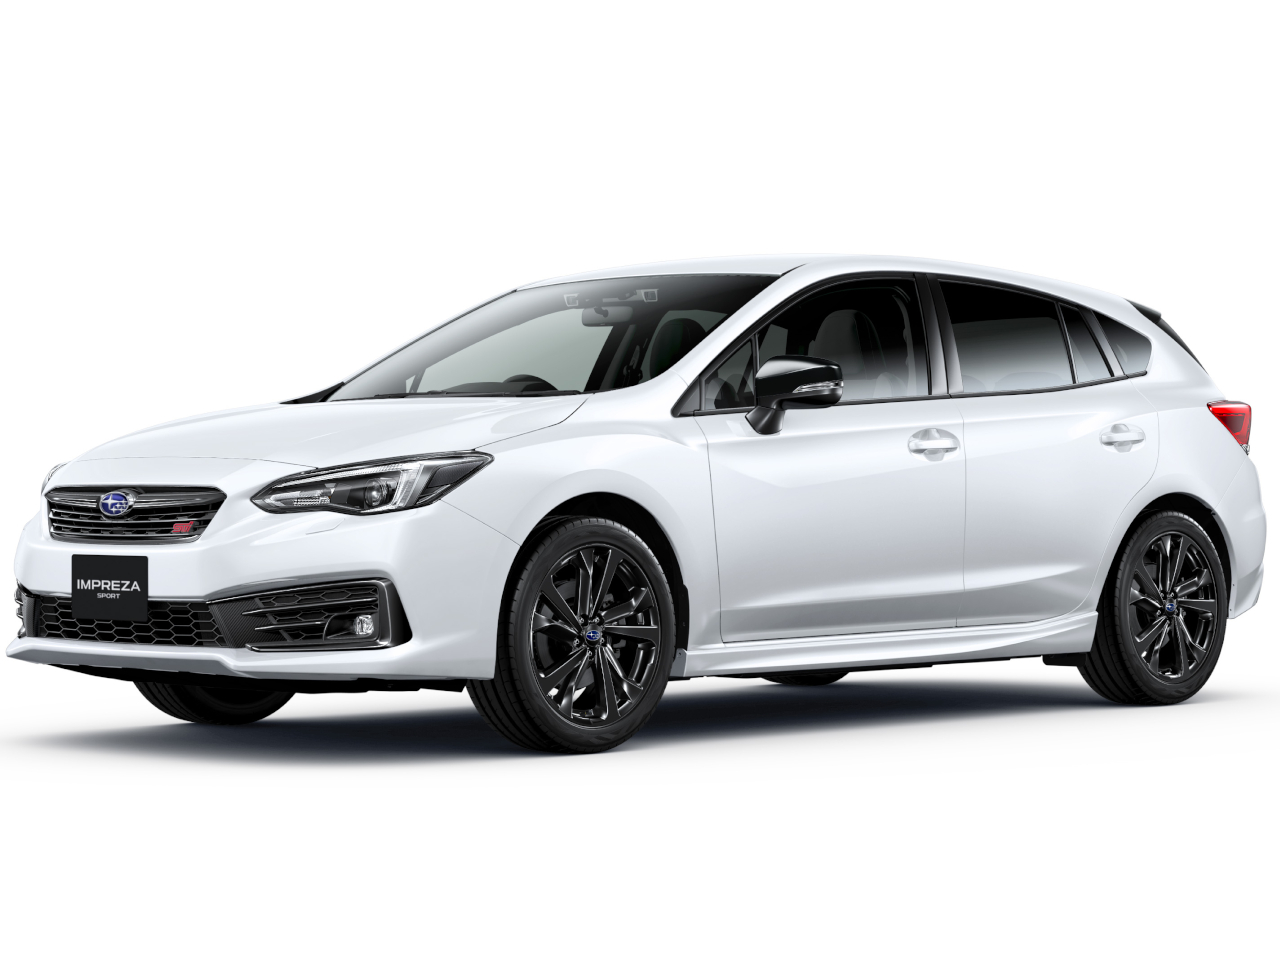 スバル インプレッサ スポーツ 2016年モデル 新車画像